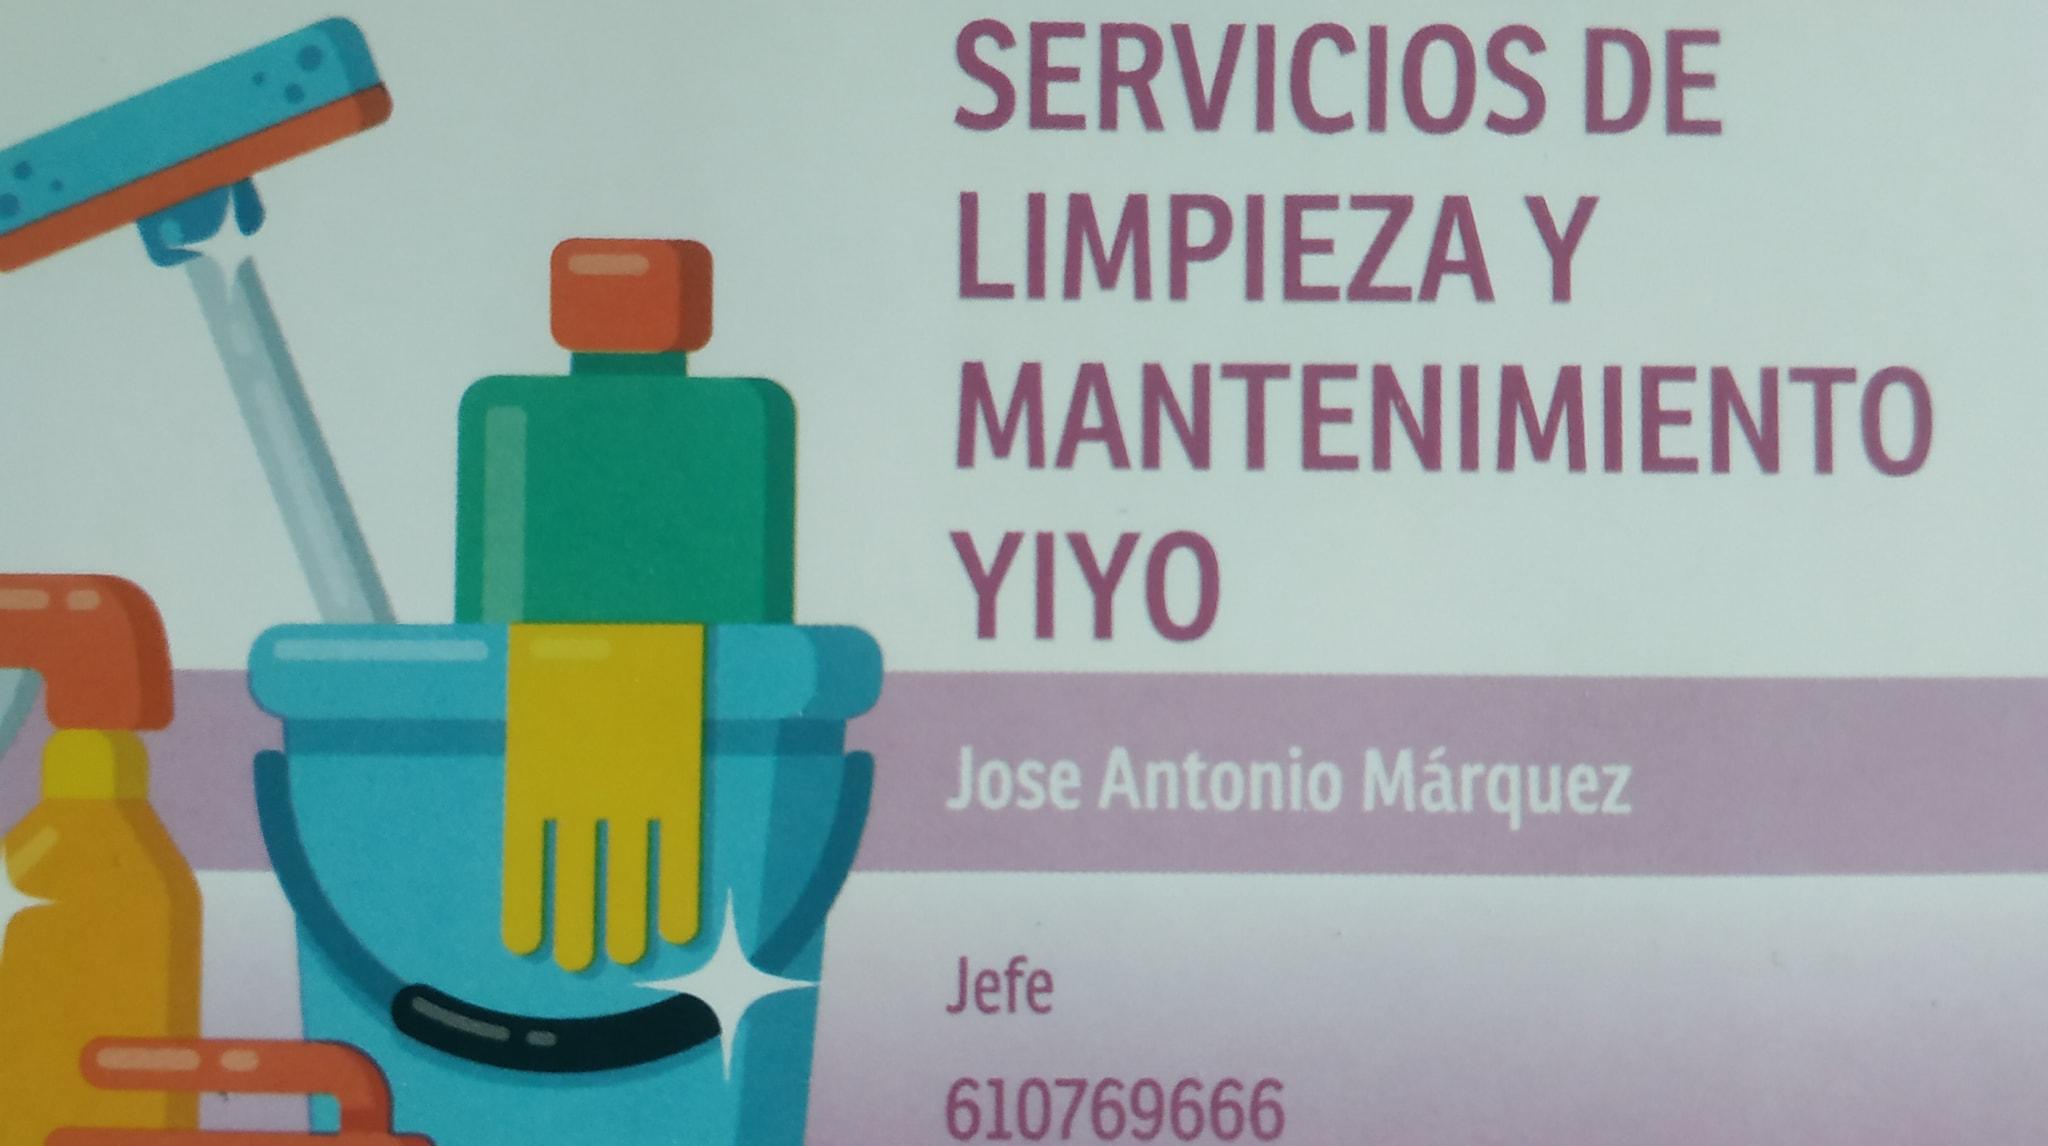 Servicios de Limpieza y Mantenimiento Yiyo